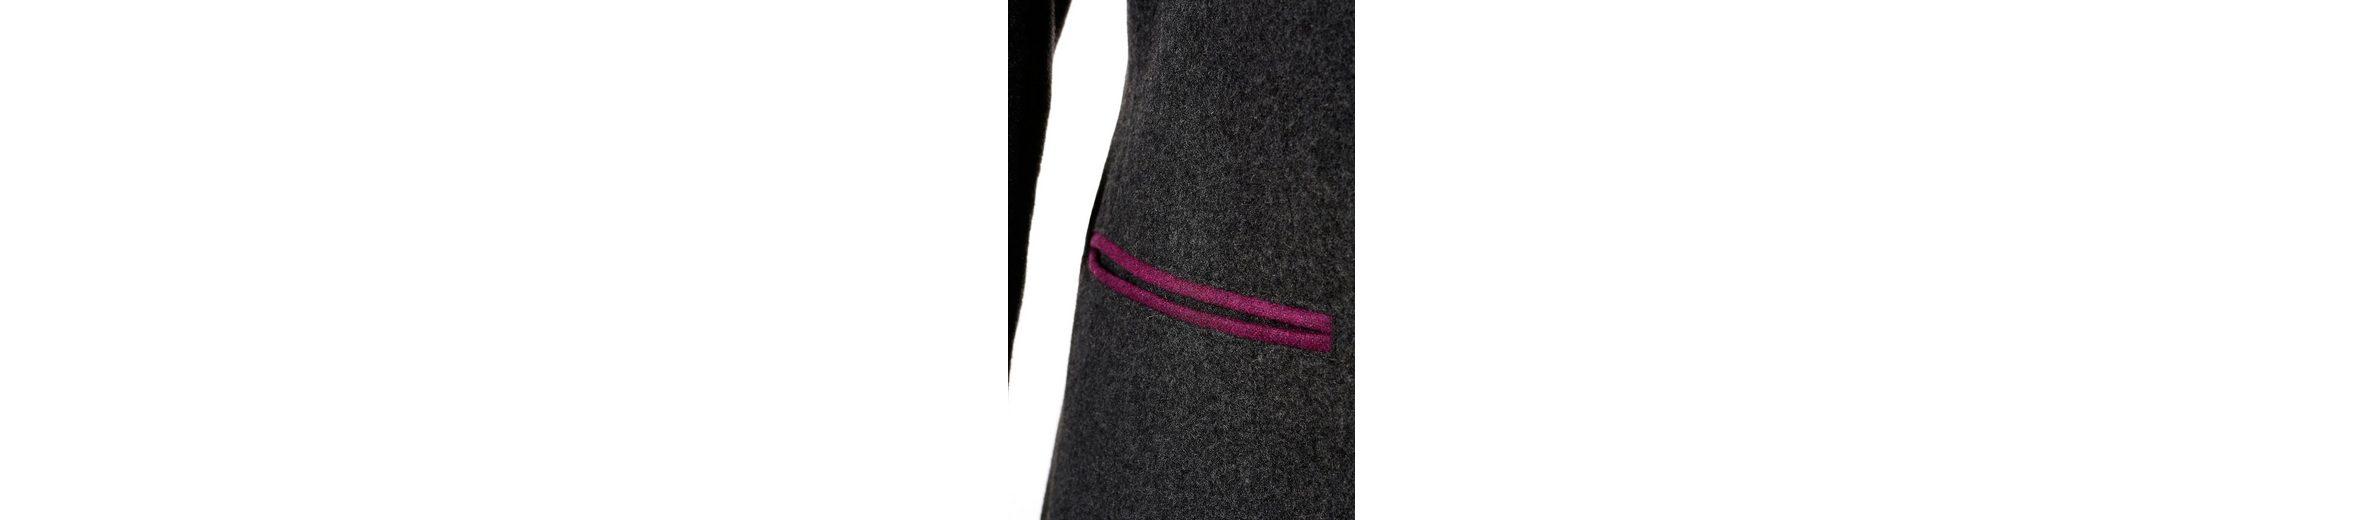 Hohenstaufen mit Trachtenwalkjacke Trachtenwalkjacke Damen Damen Hohenstaufen mit Metallkn枚pfen p1YHqp